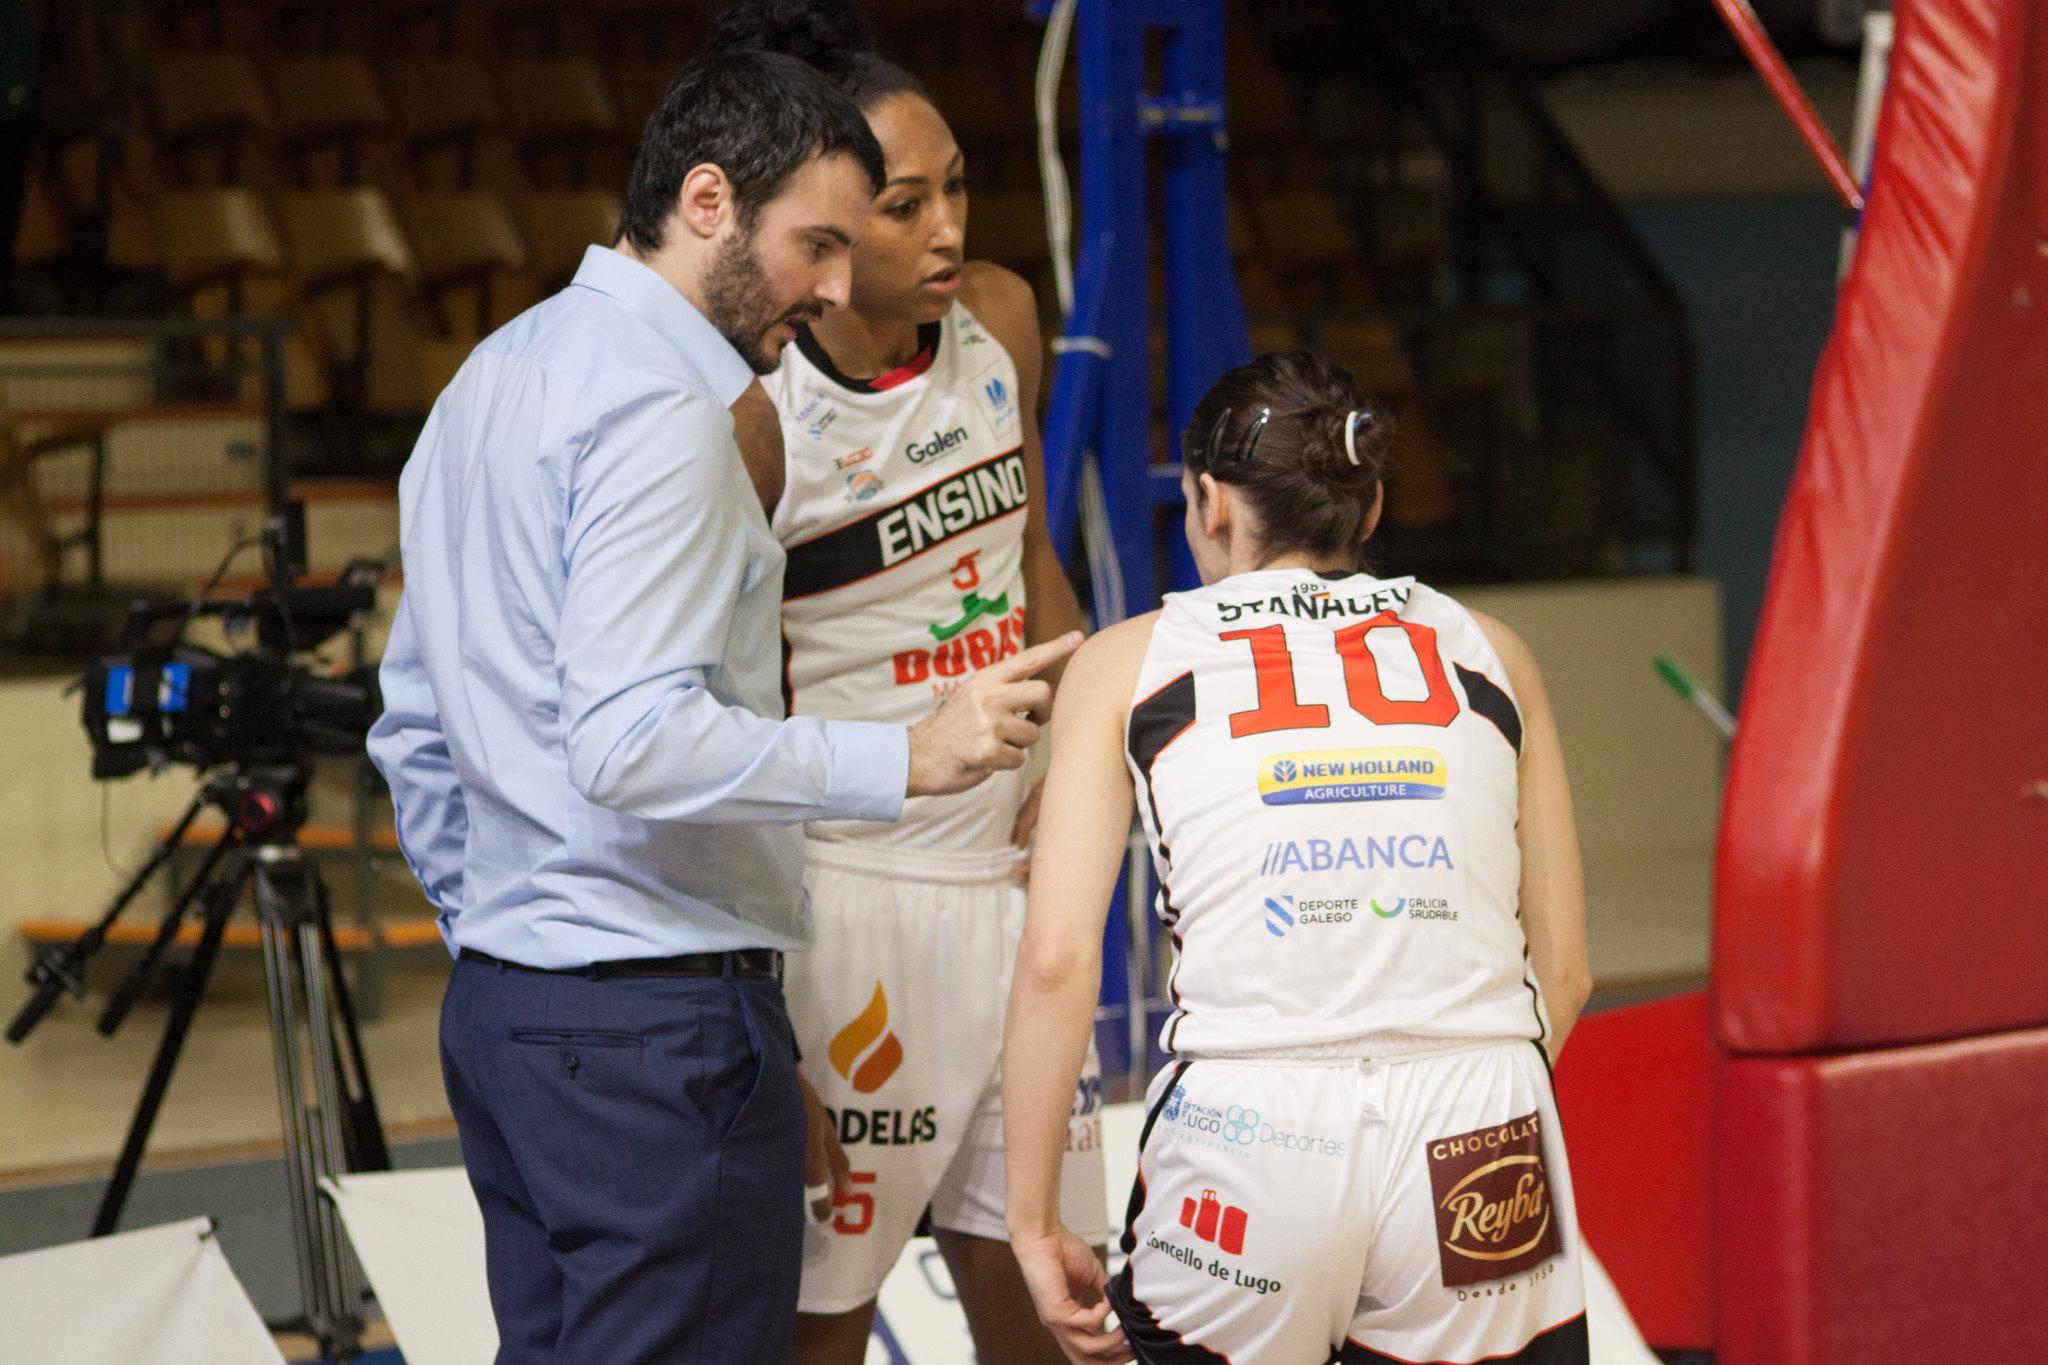 Carlos Cantero, o adestrador do Ensino con dúas das súas xogadoras, Kalis Loyd e Aleksandra Stanacev / Álvaro Trapero - ENSINO